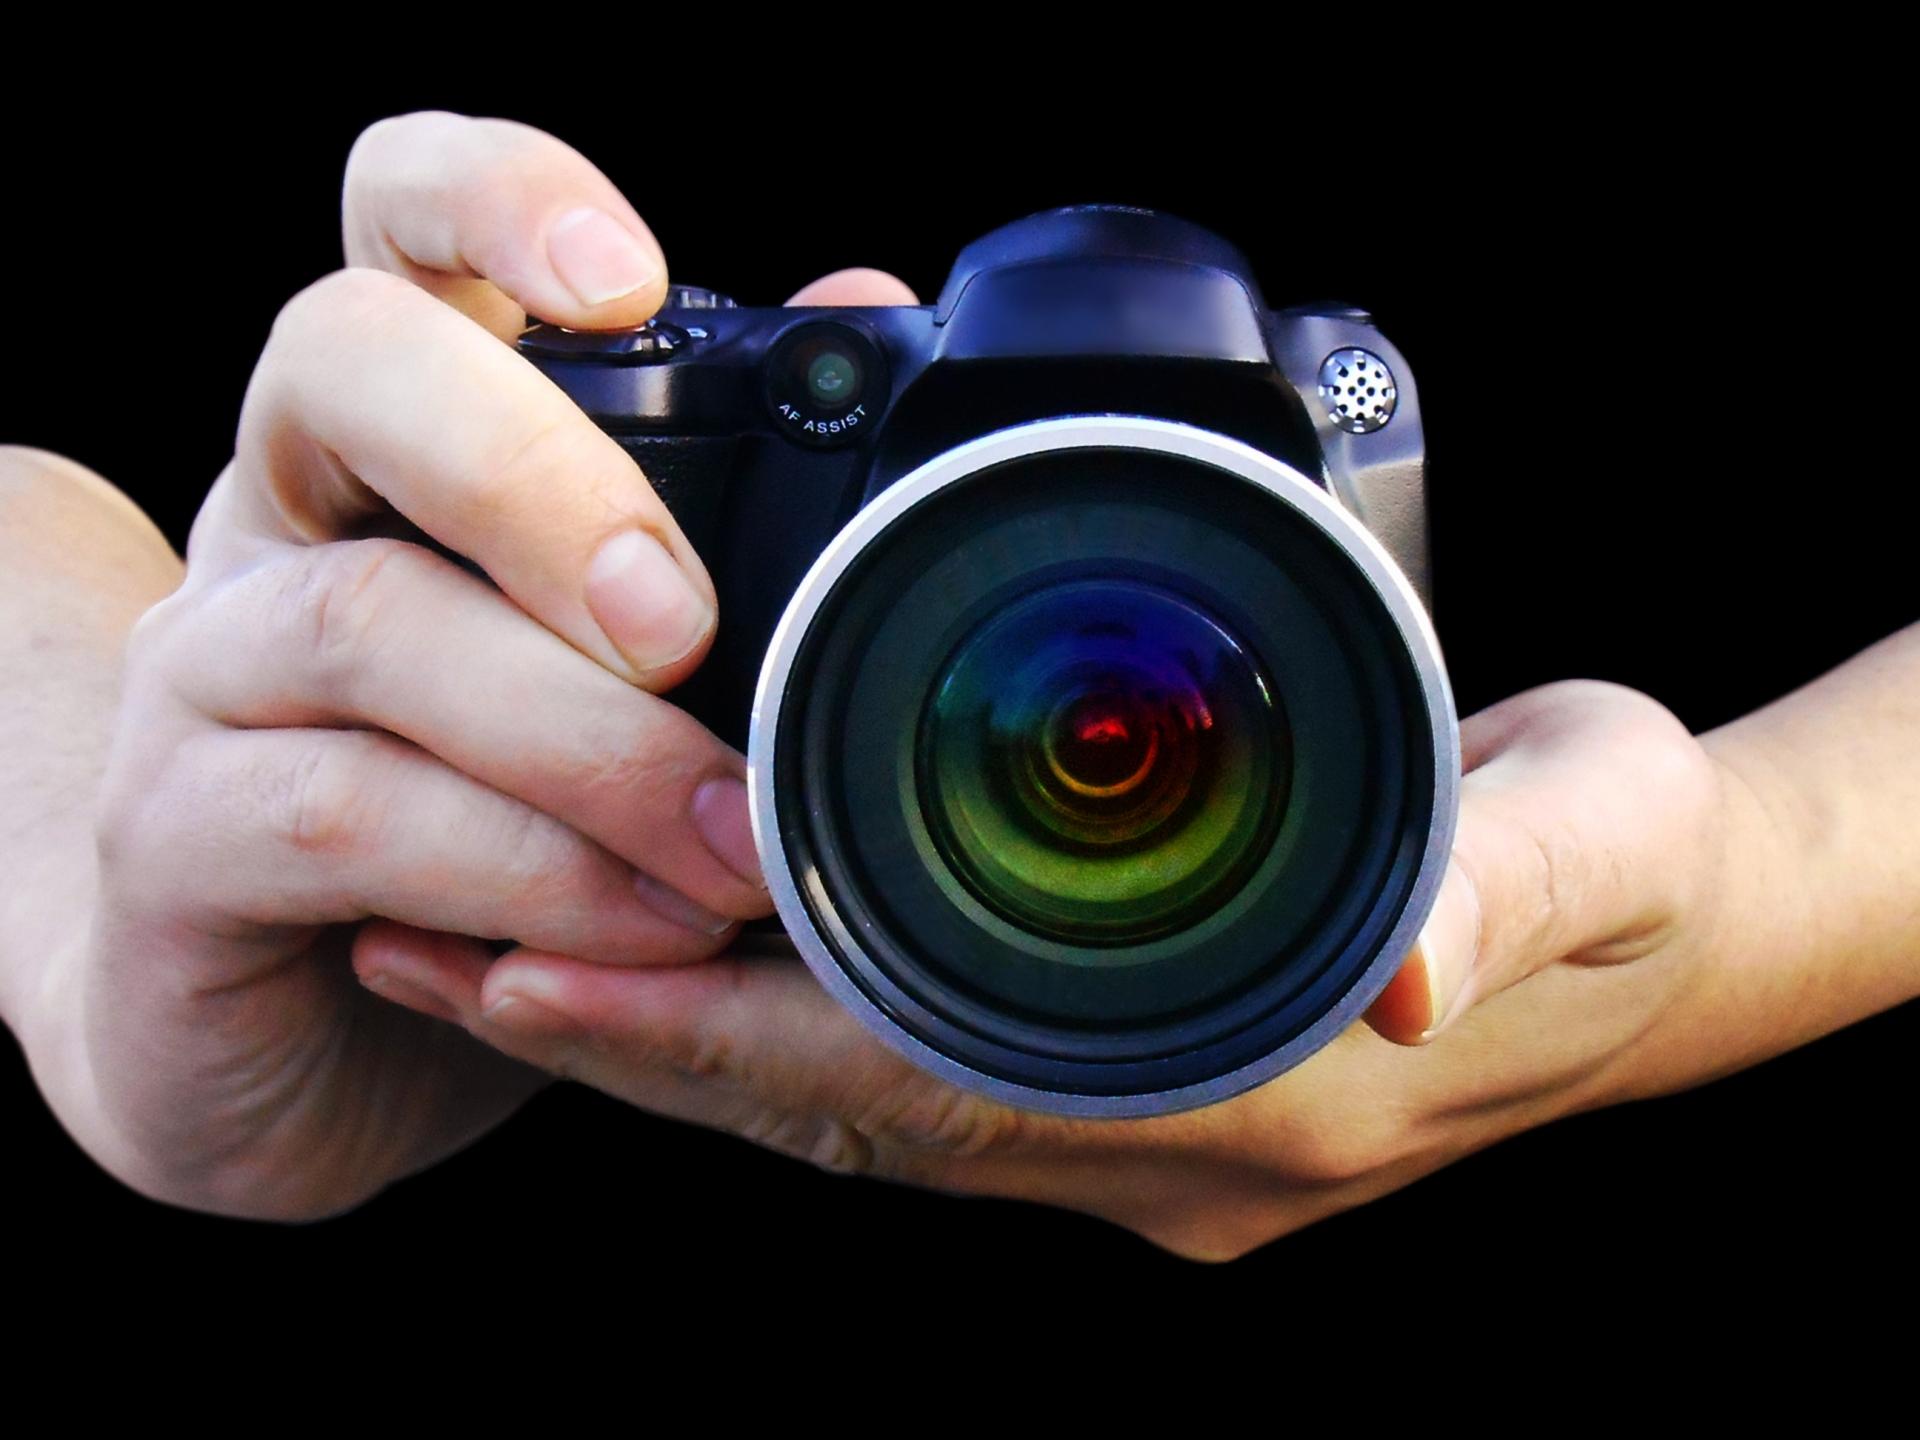 プロカメラマンを依頼する場合のメリット・デメリット、注意点とは?